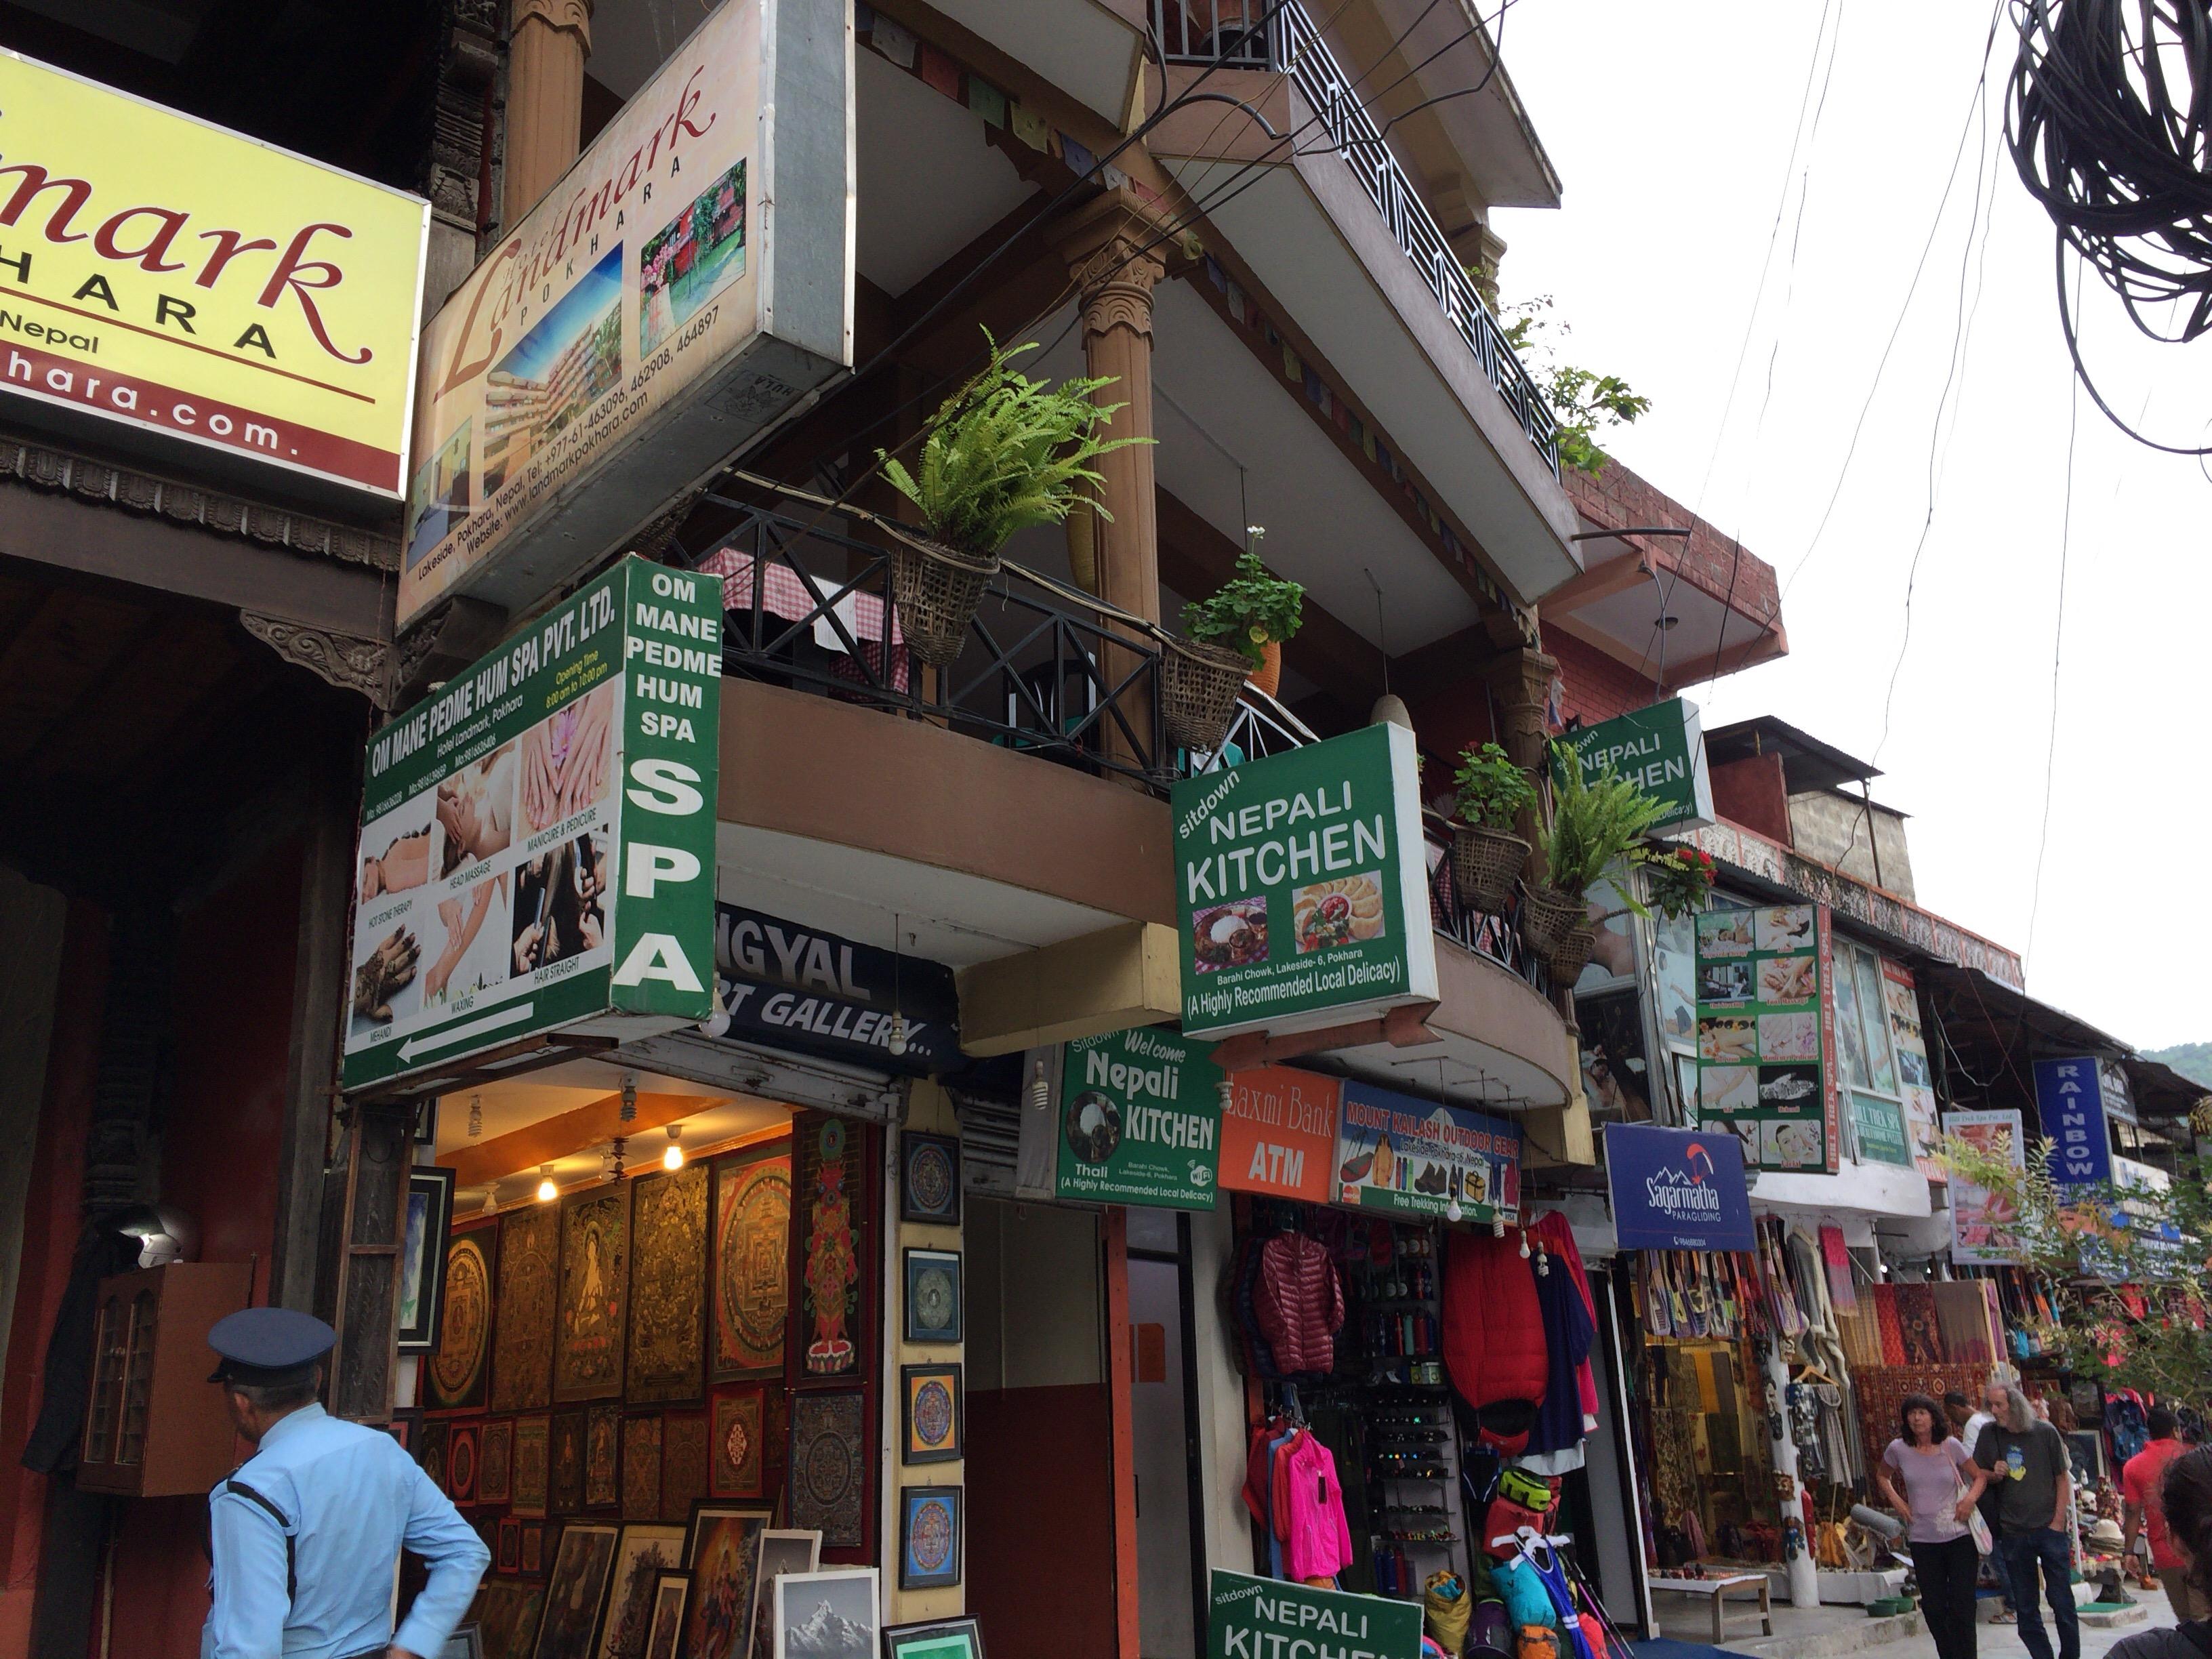 「ネパリ・キッチン(Nepali Kitchen)」外観